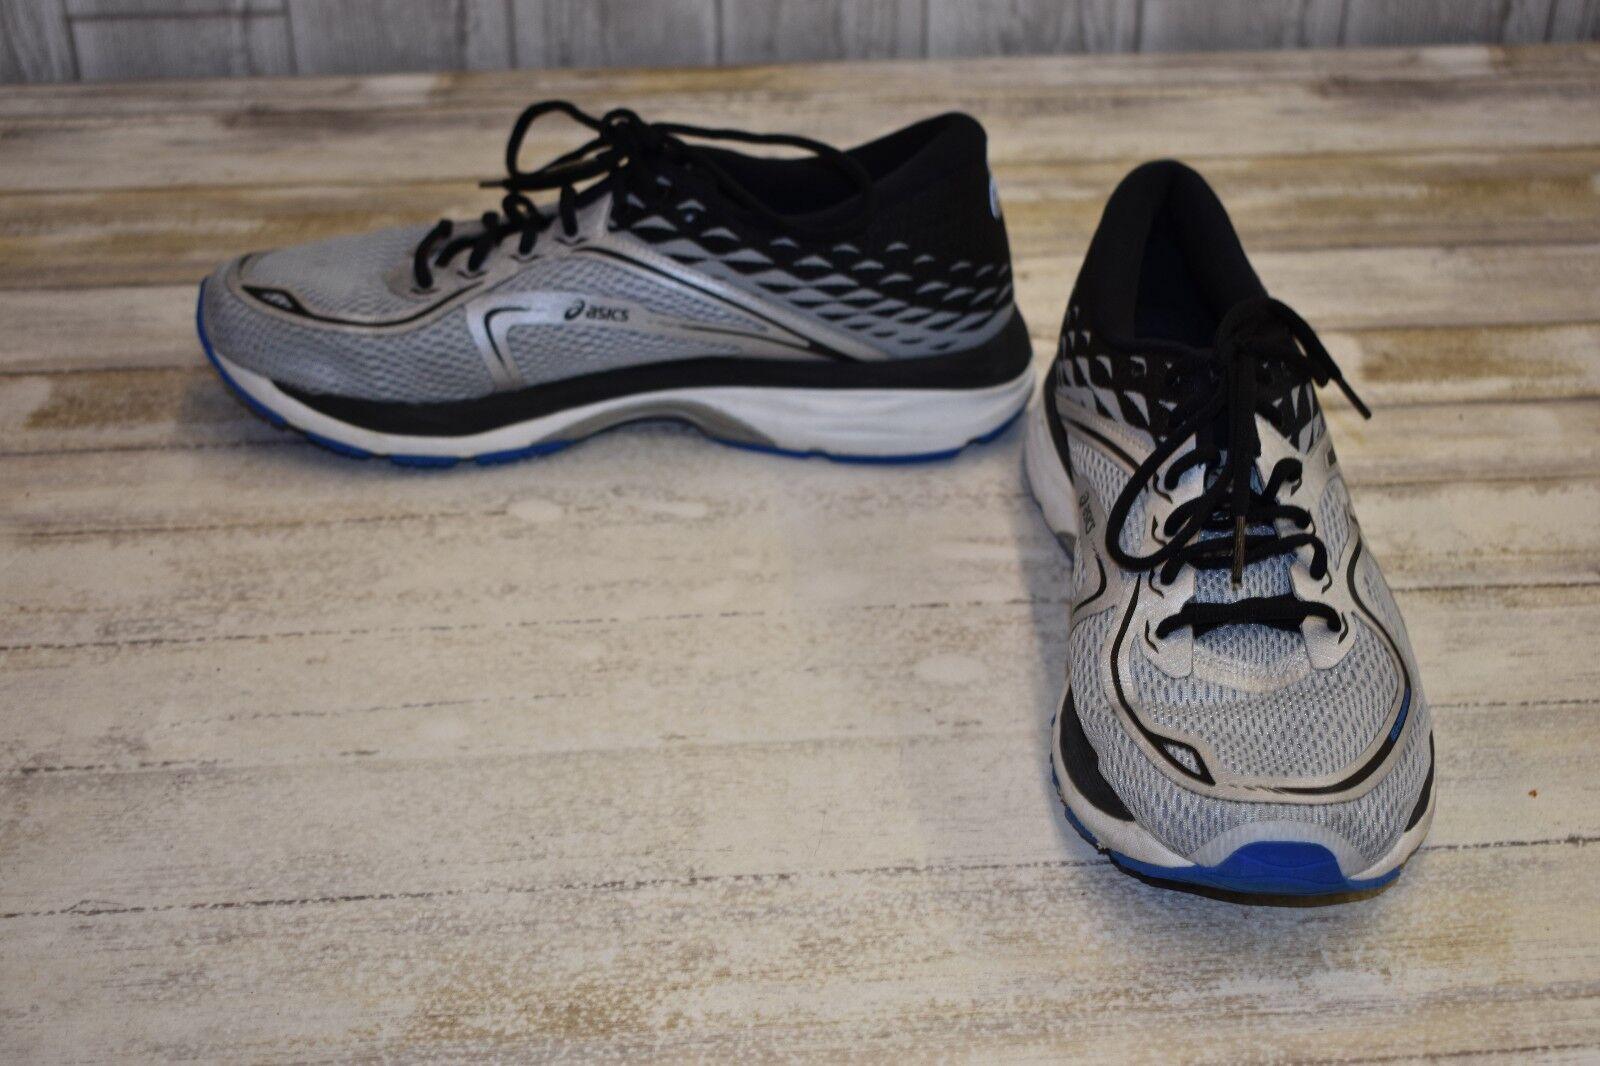 Asics Gel Cumulus 19 Running Shoes-Men's Silver sz 11.5 Silver Shoes-Men's c4d713